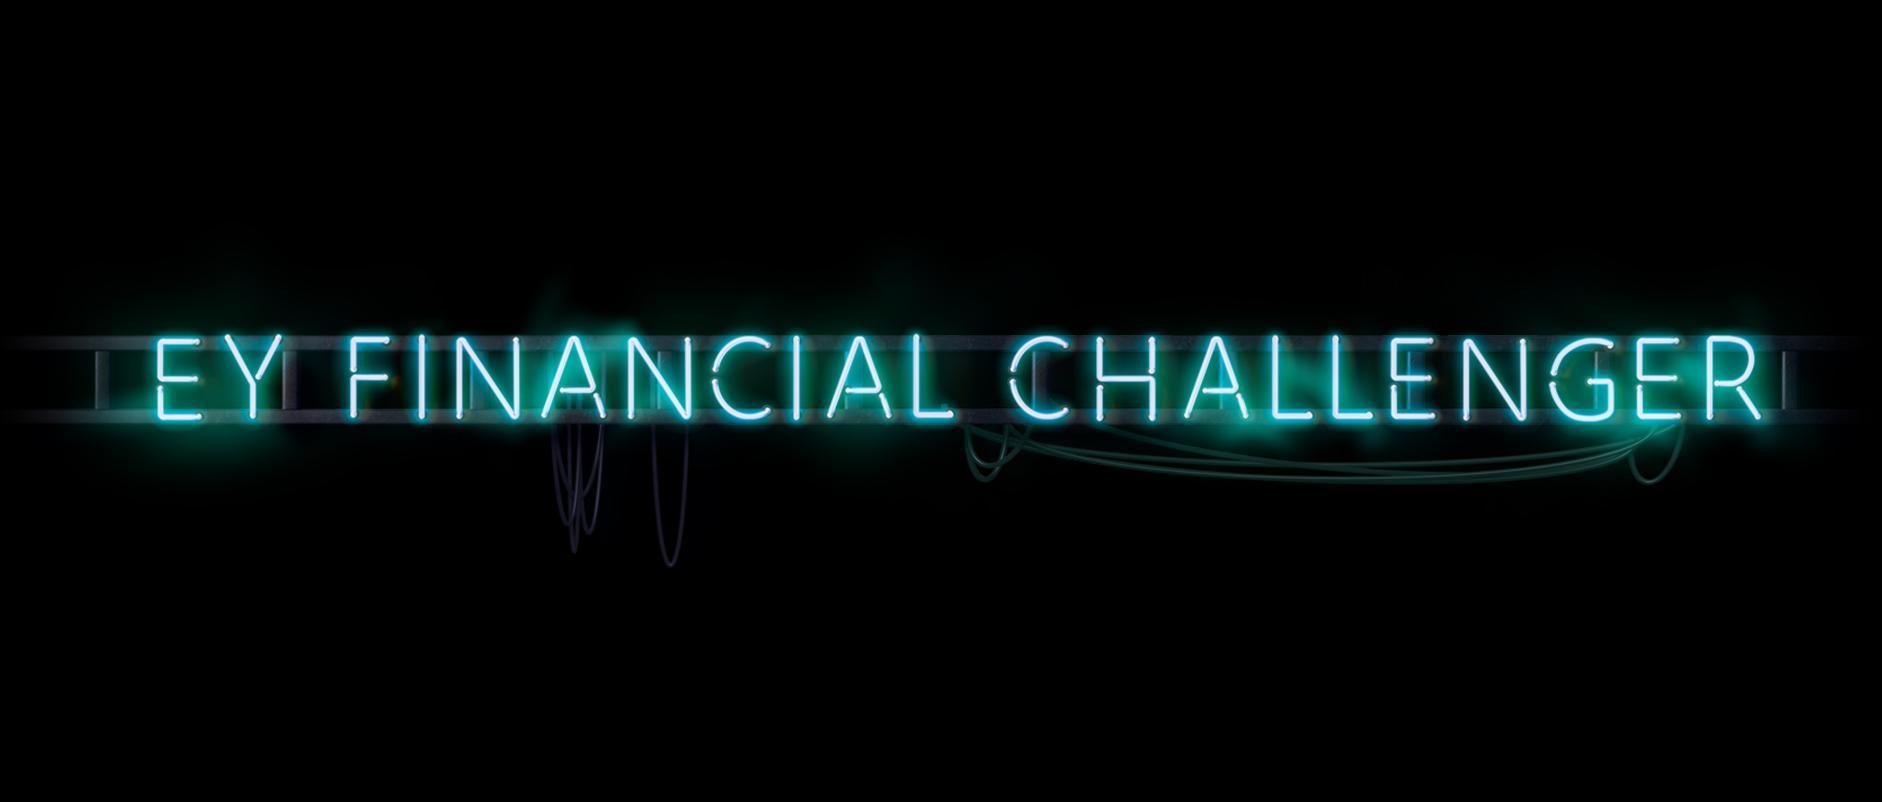 Weź udział w konkursie EY Financial Challenger!